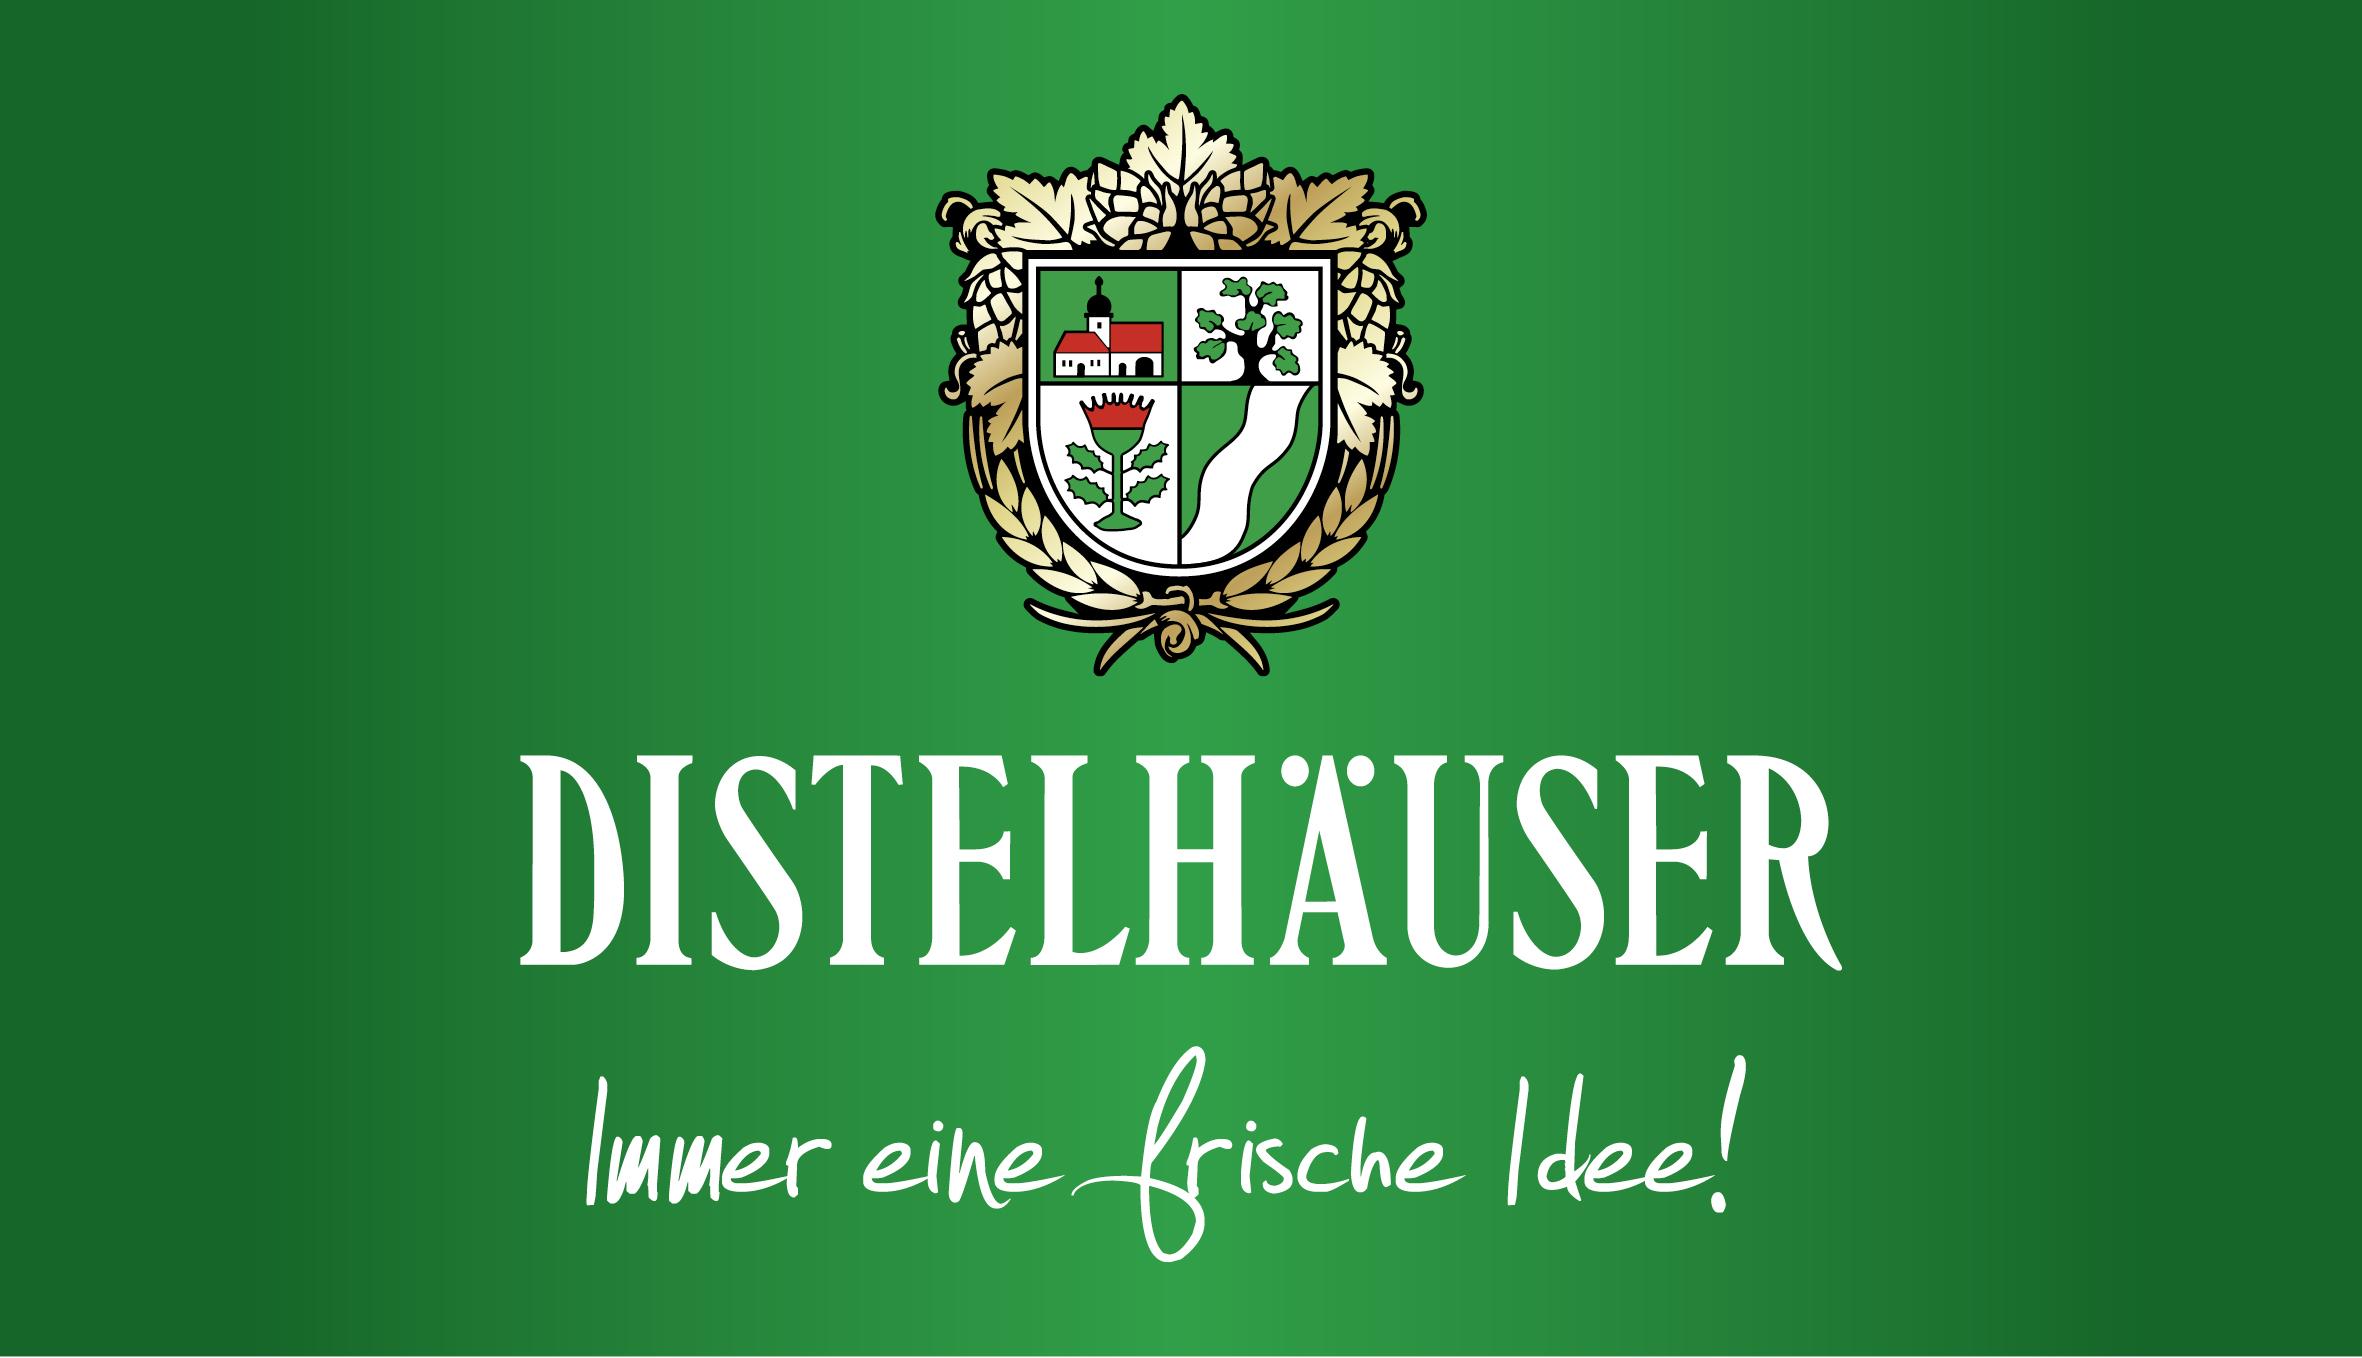 Distelhäuser - Immer eine frische Idee!